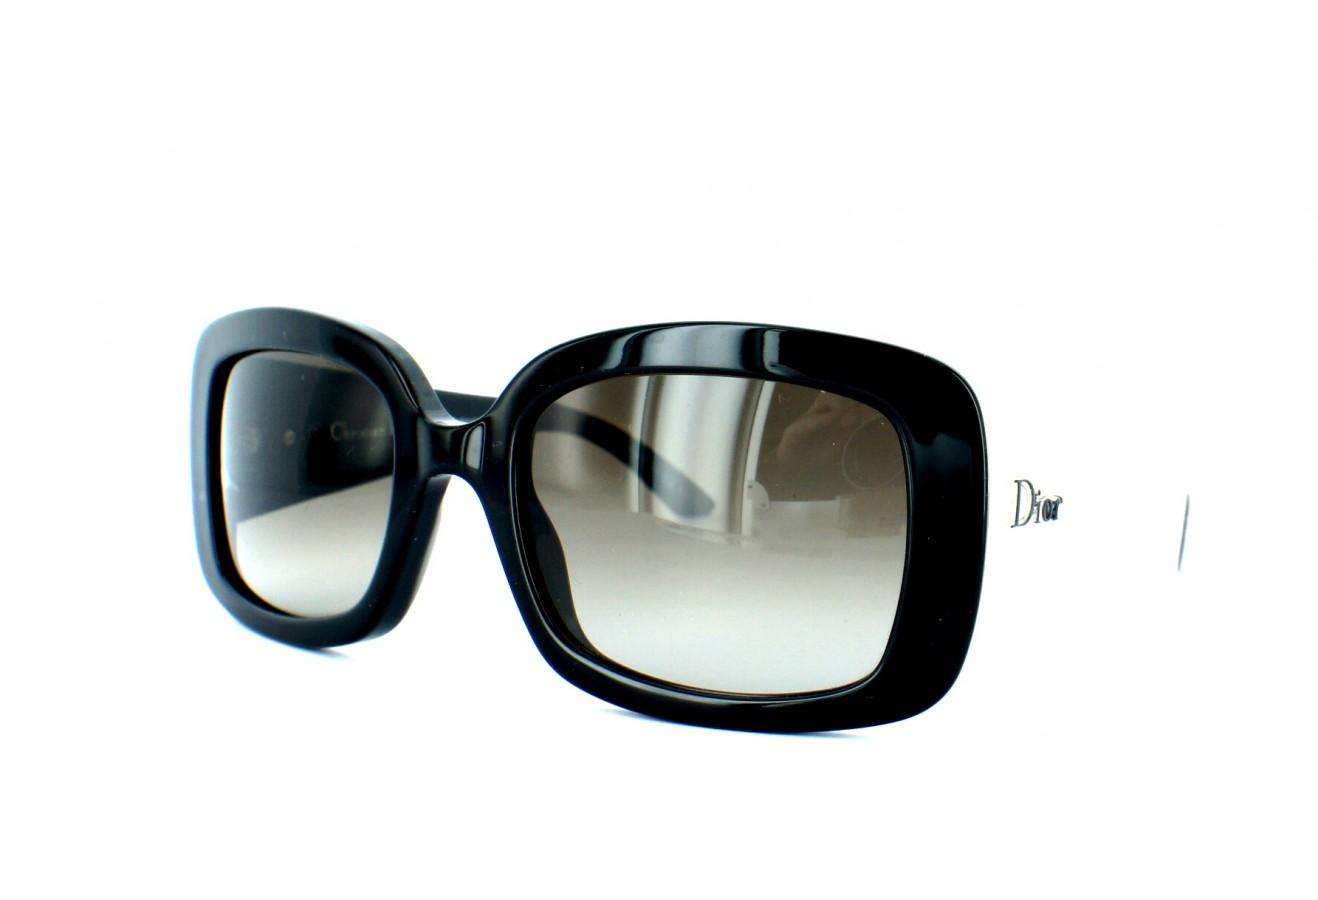 lunettes de soleil dior dior ladylady 2 g4f ha 53 21. Black Bedroom Furniture Sets. Home Design Ideas